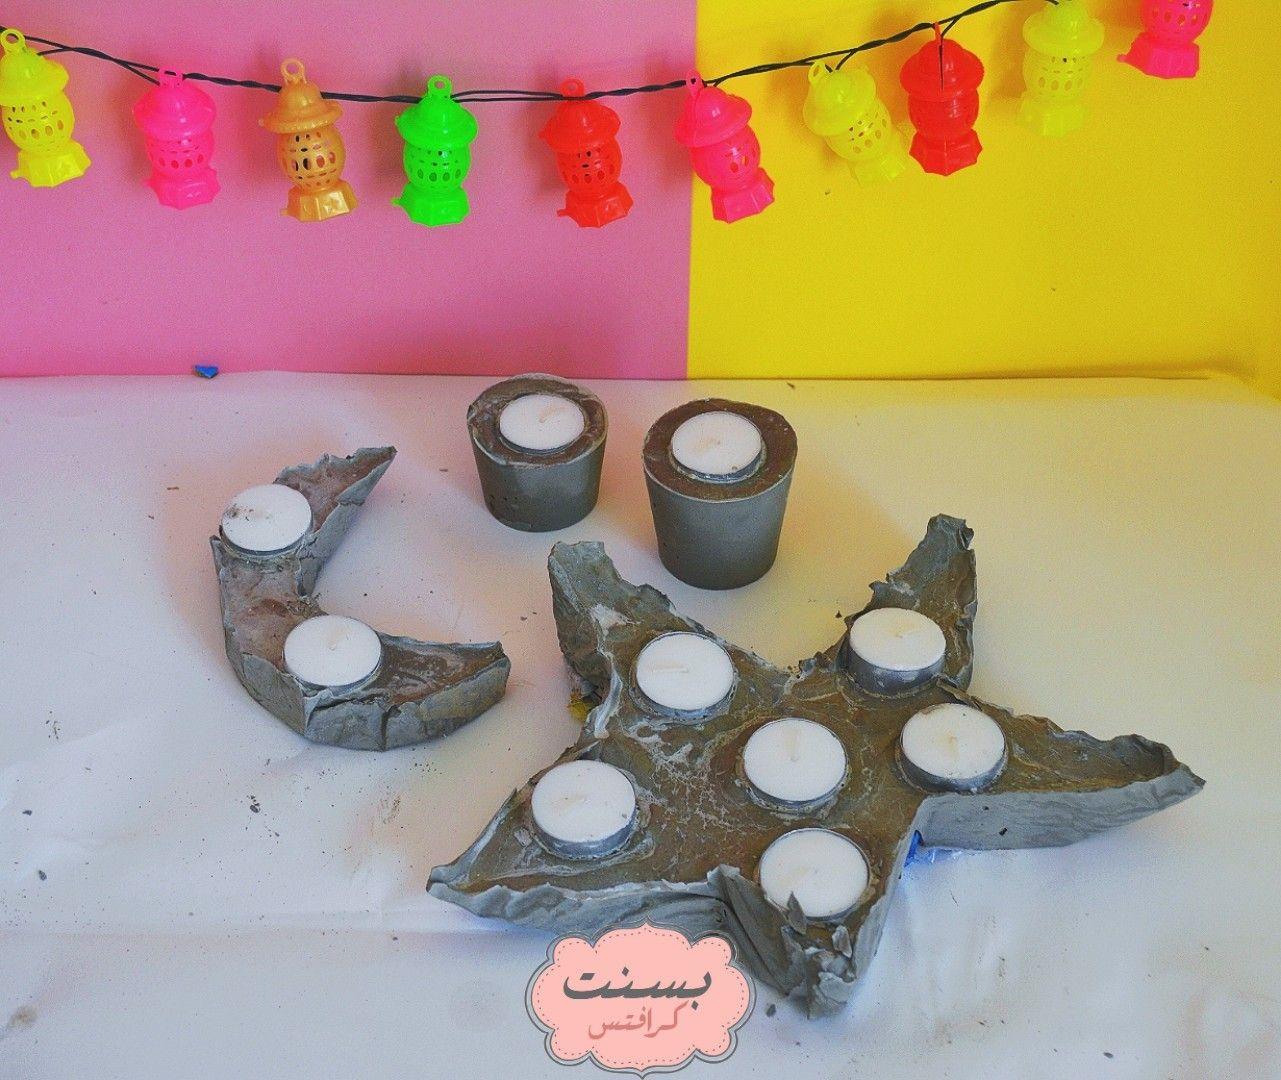 اصنعيها بنفسك ومع طفلك حوامل شمع بأشكال رمضانية بسنت كرافتس Diy Unix Ecommerce Hosting